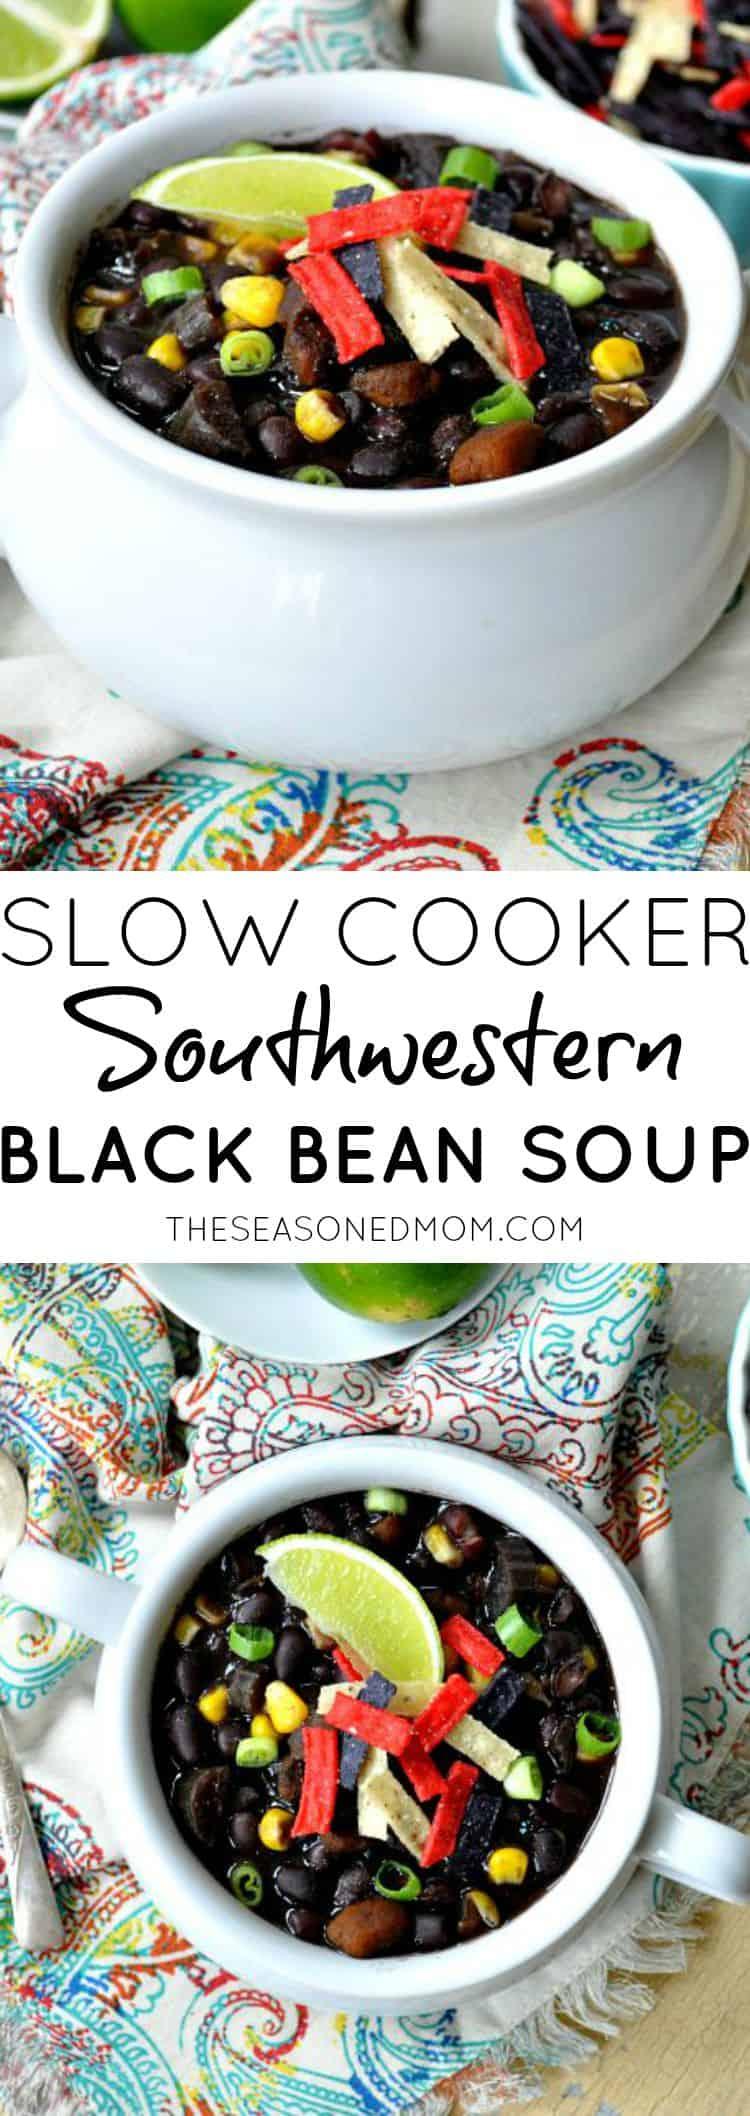 Slow Cooker Southwestern Black Bean Soup